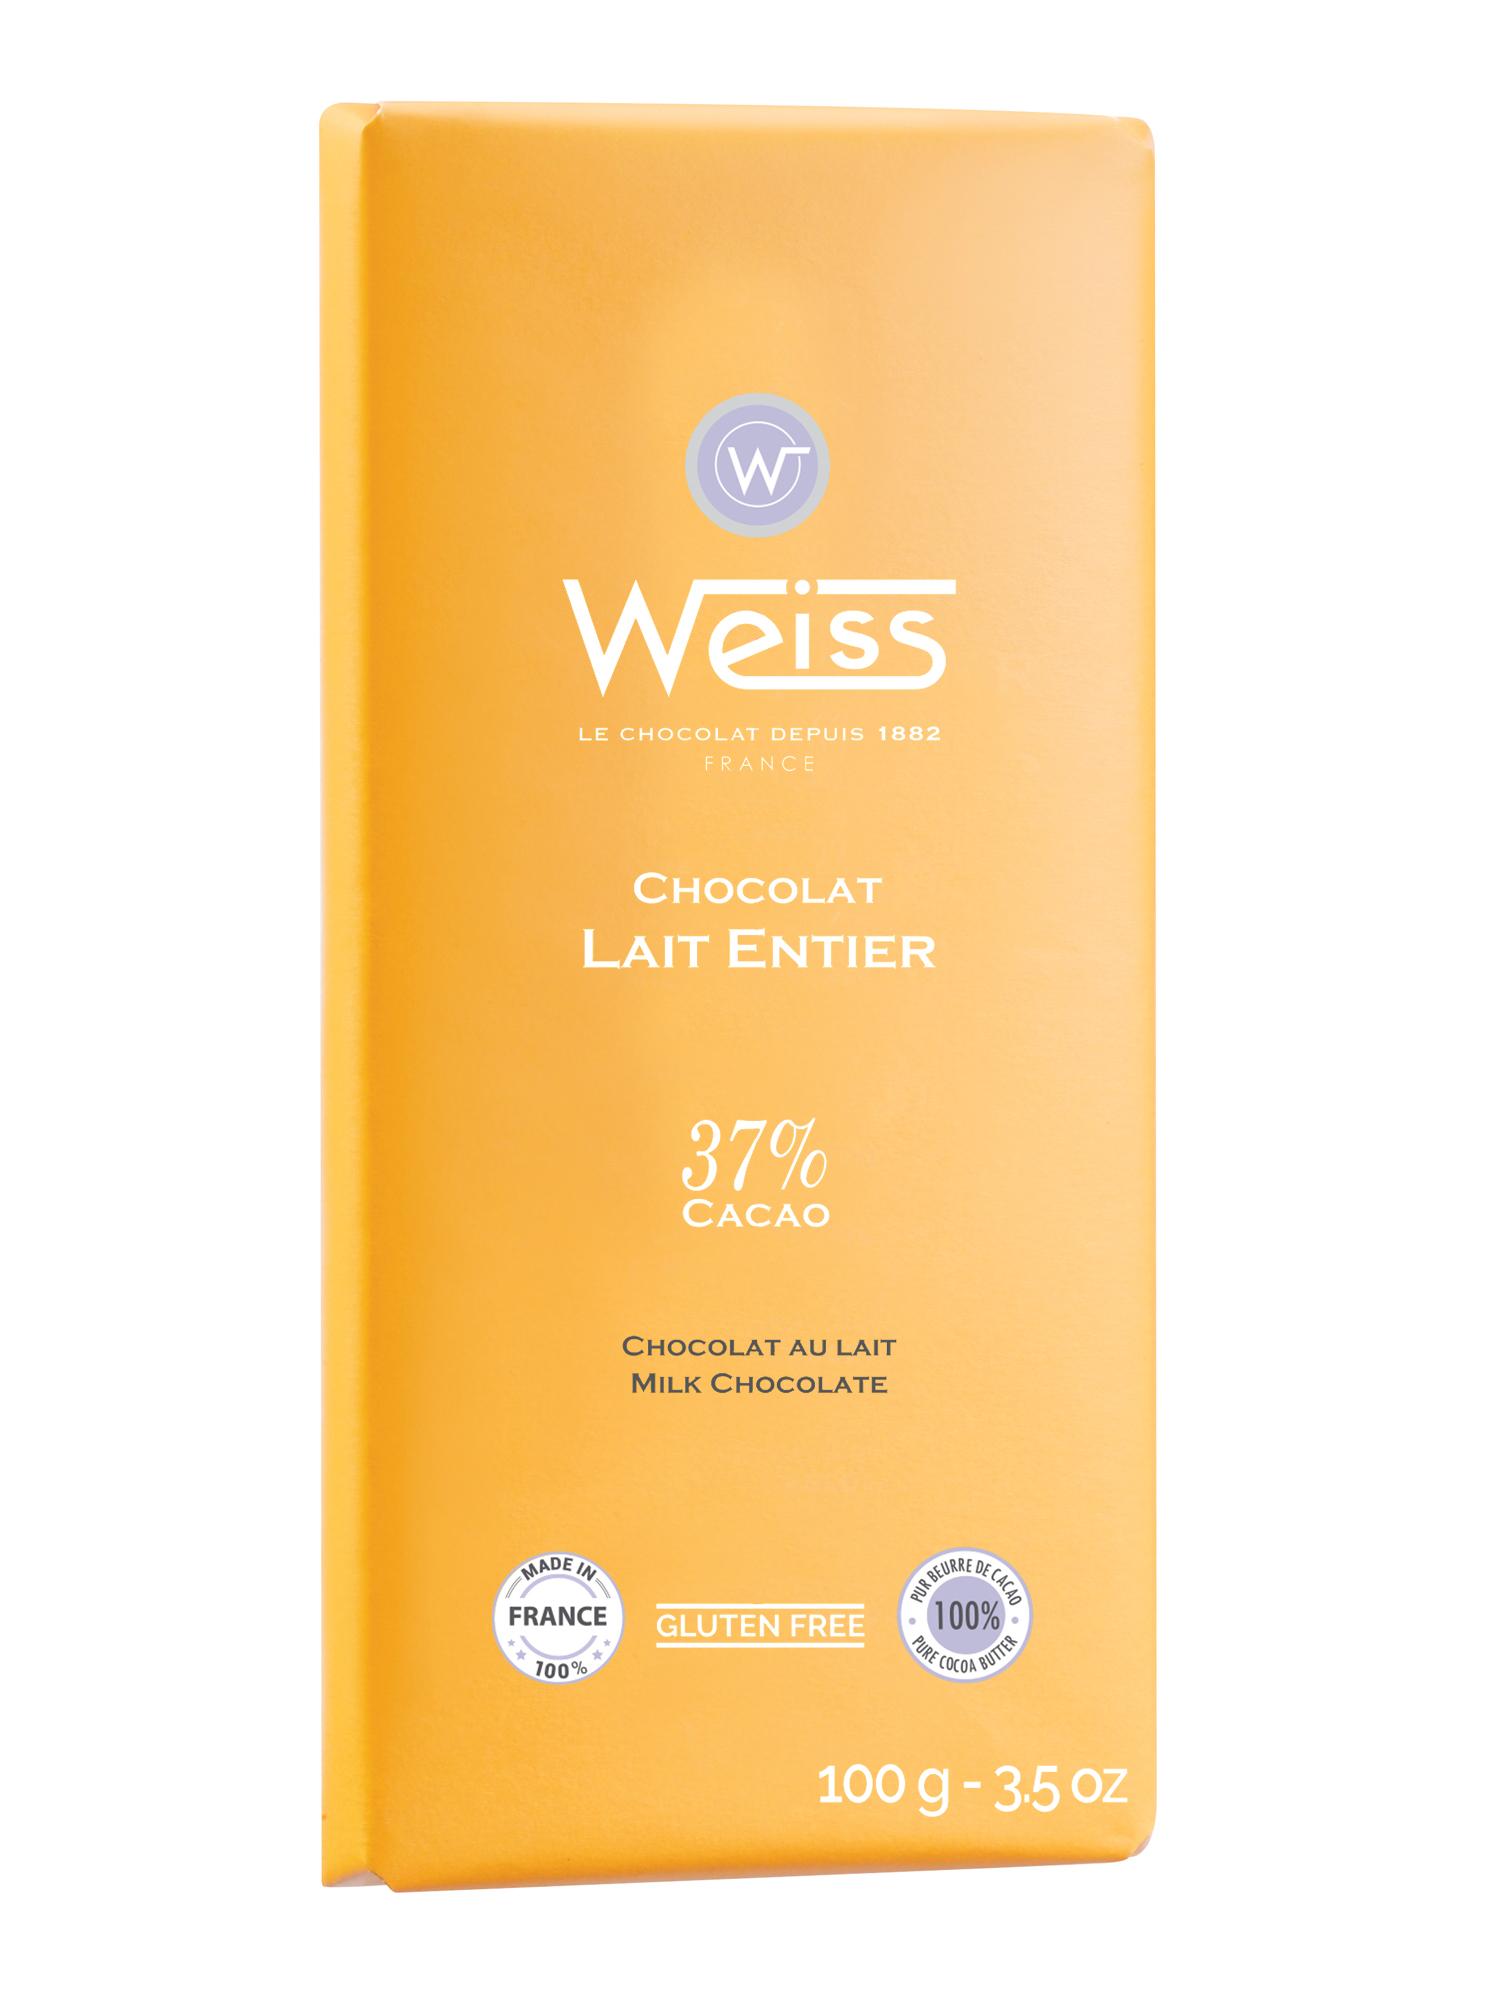 Tablette chocolat au lait entier 37% de cacao, Weiss (100 g)